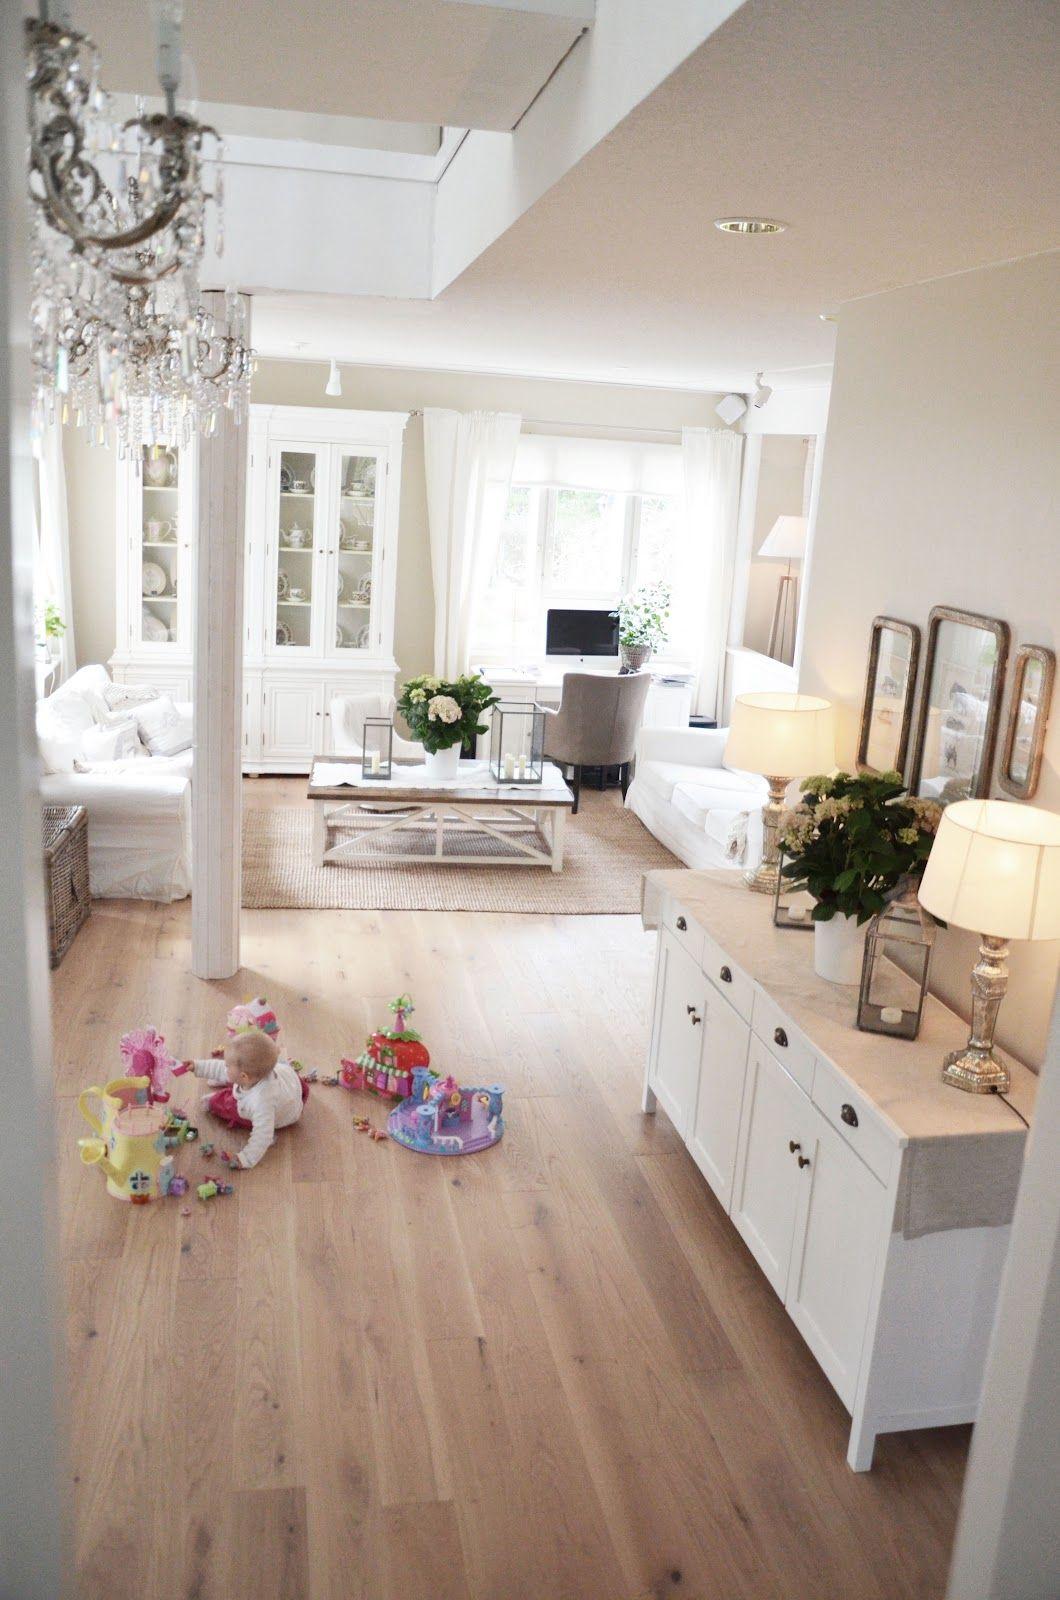 Sch ner boden einrichten und wohnen pinterest boden for Wohnen wohnzimmer